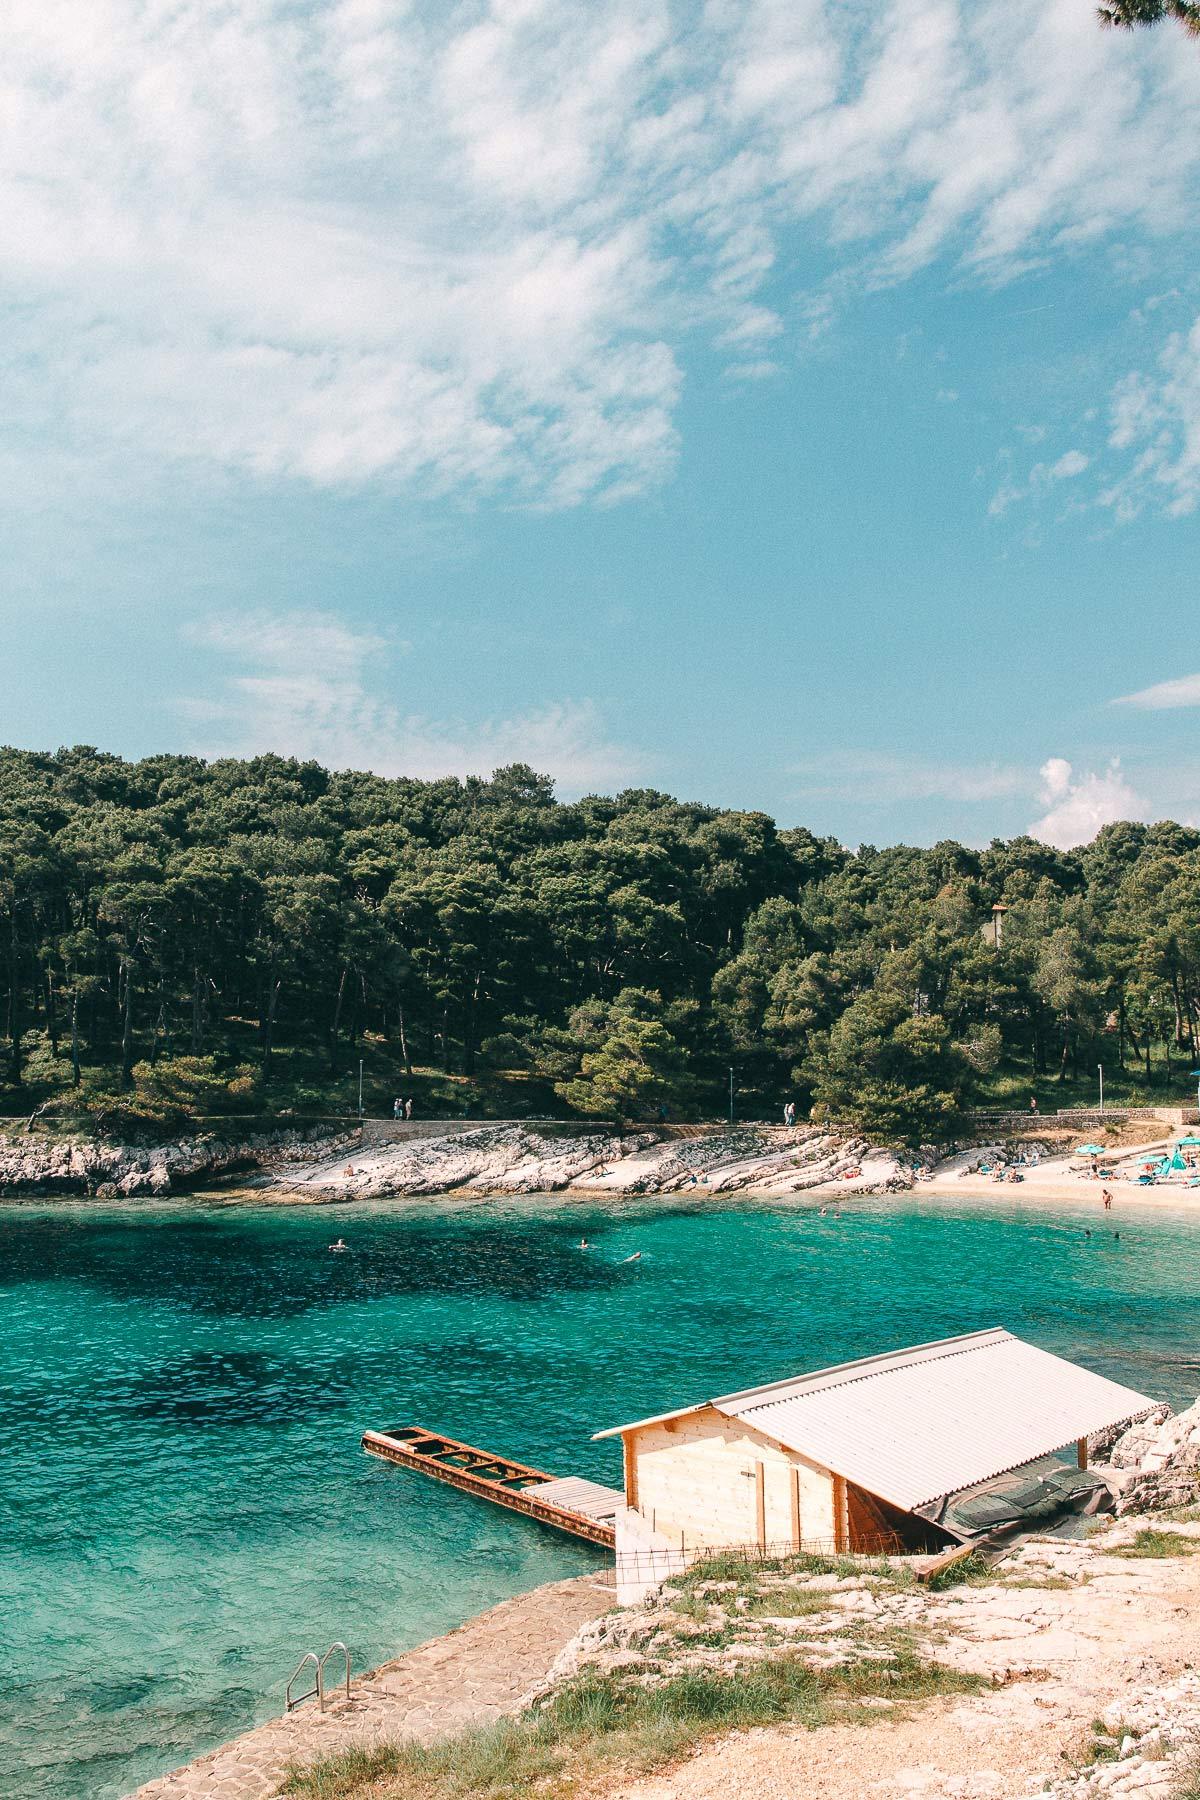 Eine traumhafte Bucht auf der Insel.